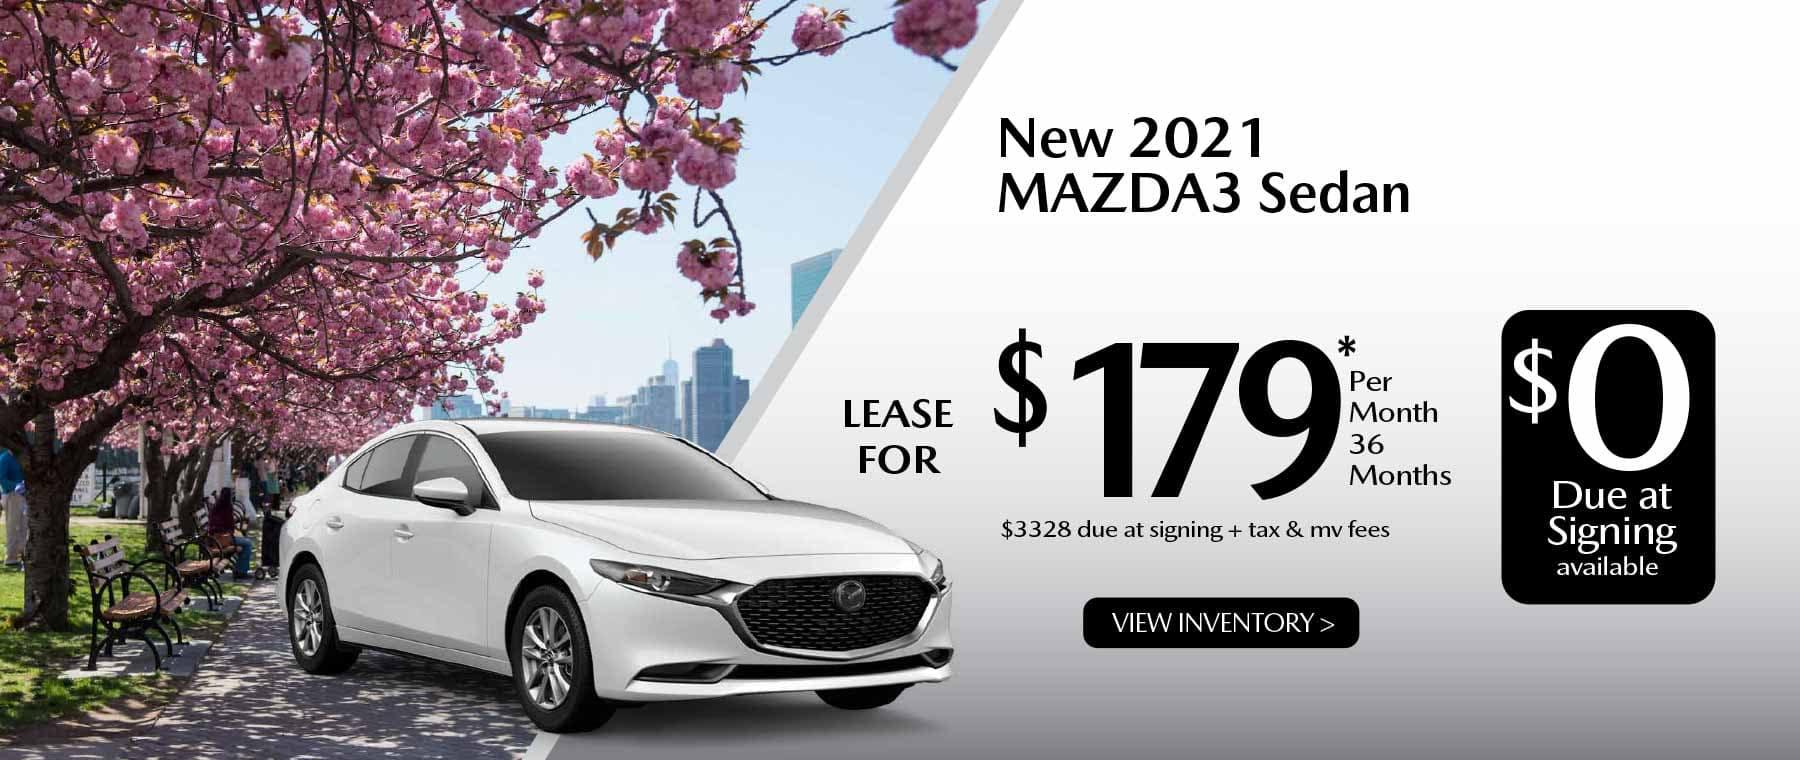 05hi MAZDA3 New Lease Special Offer Garden City Mazda NY